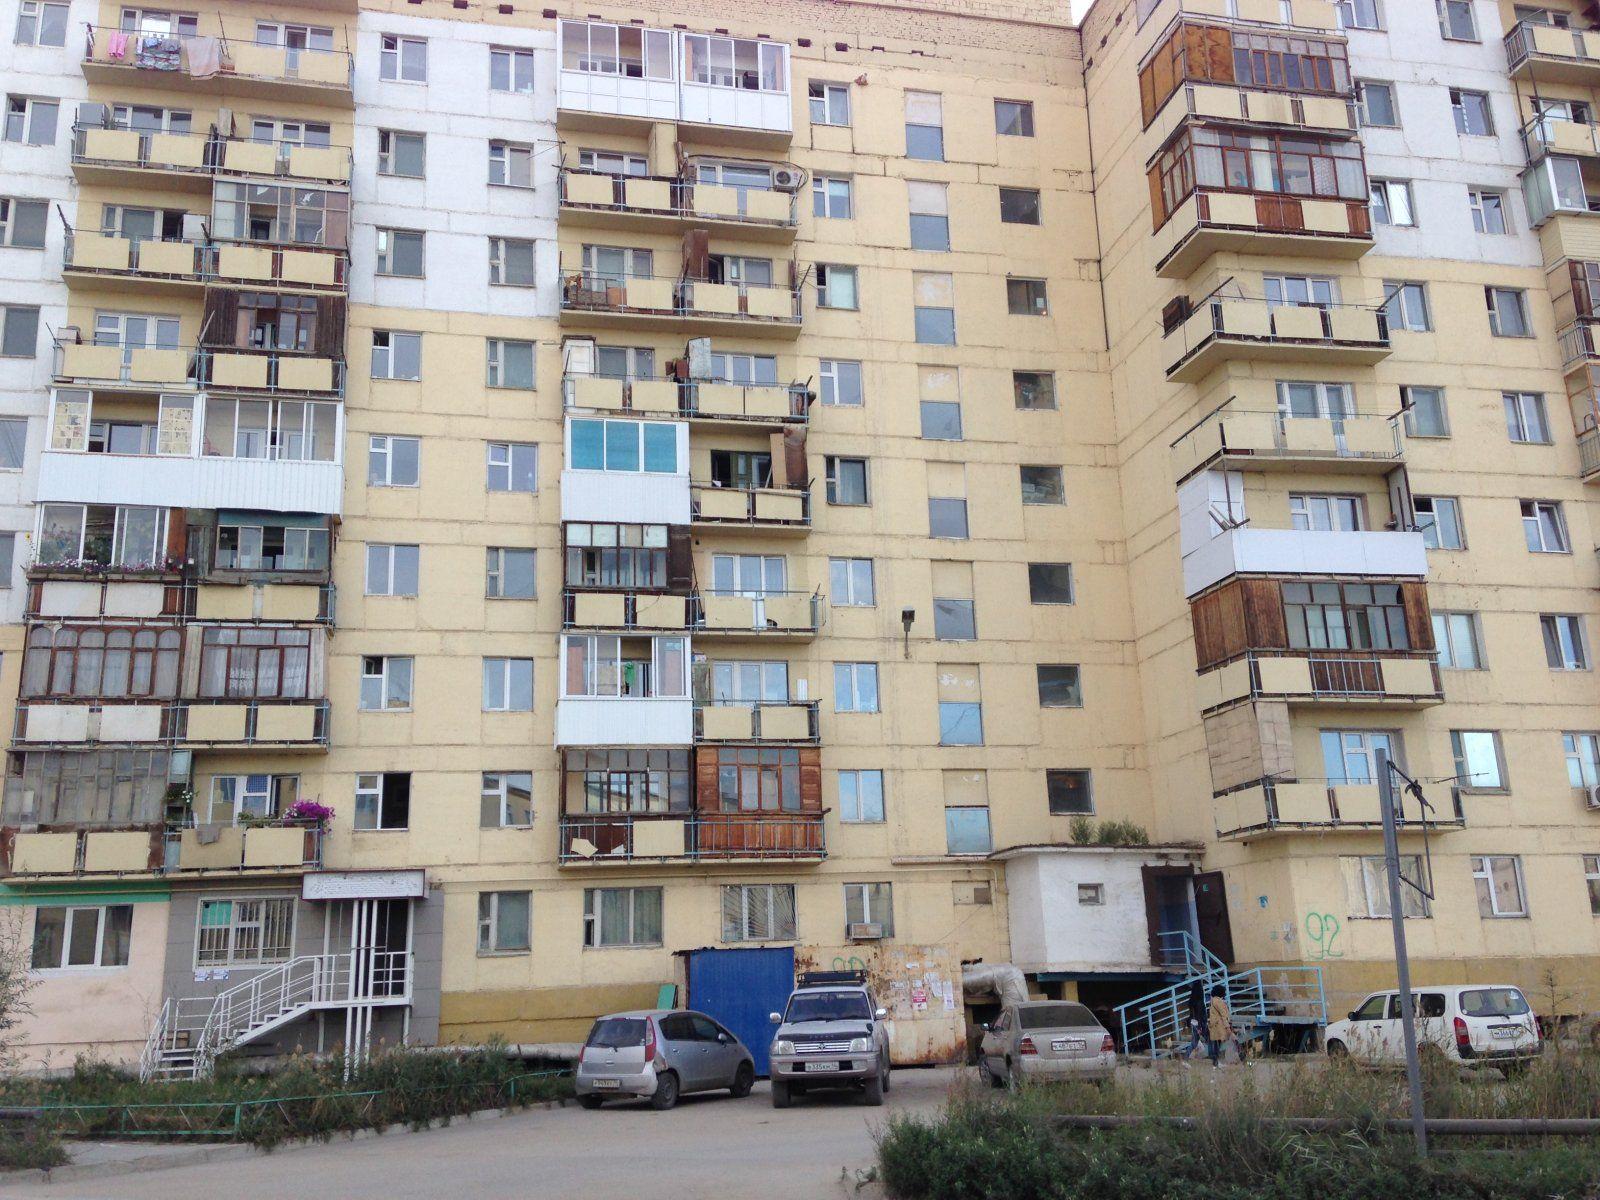 Очевидцы пожара на Горького, 92 в Якутске: «Живем как на пороховой бочке, много квартир сдается»